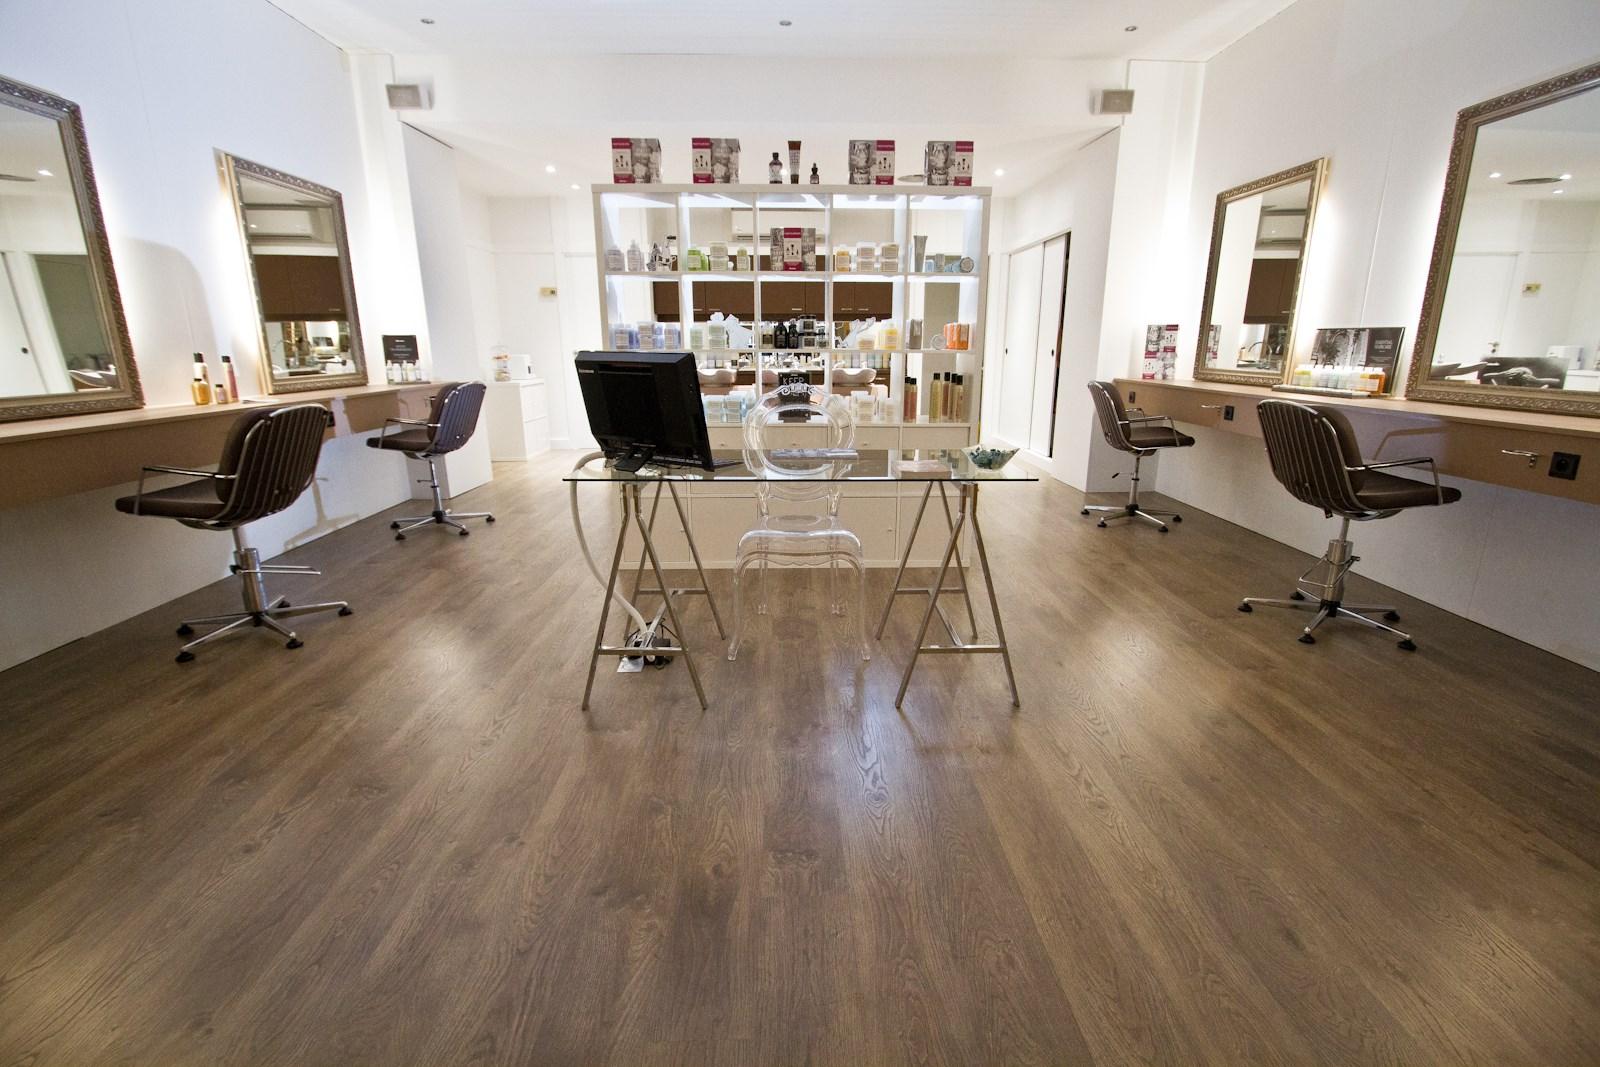 Blow up cannes avis tarifs horaires t l phone - Salon coiffure cannes ...